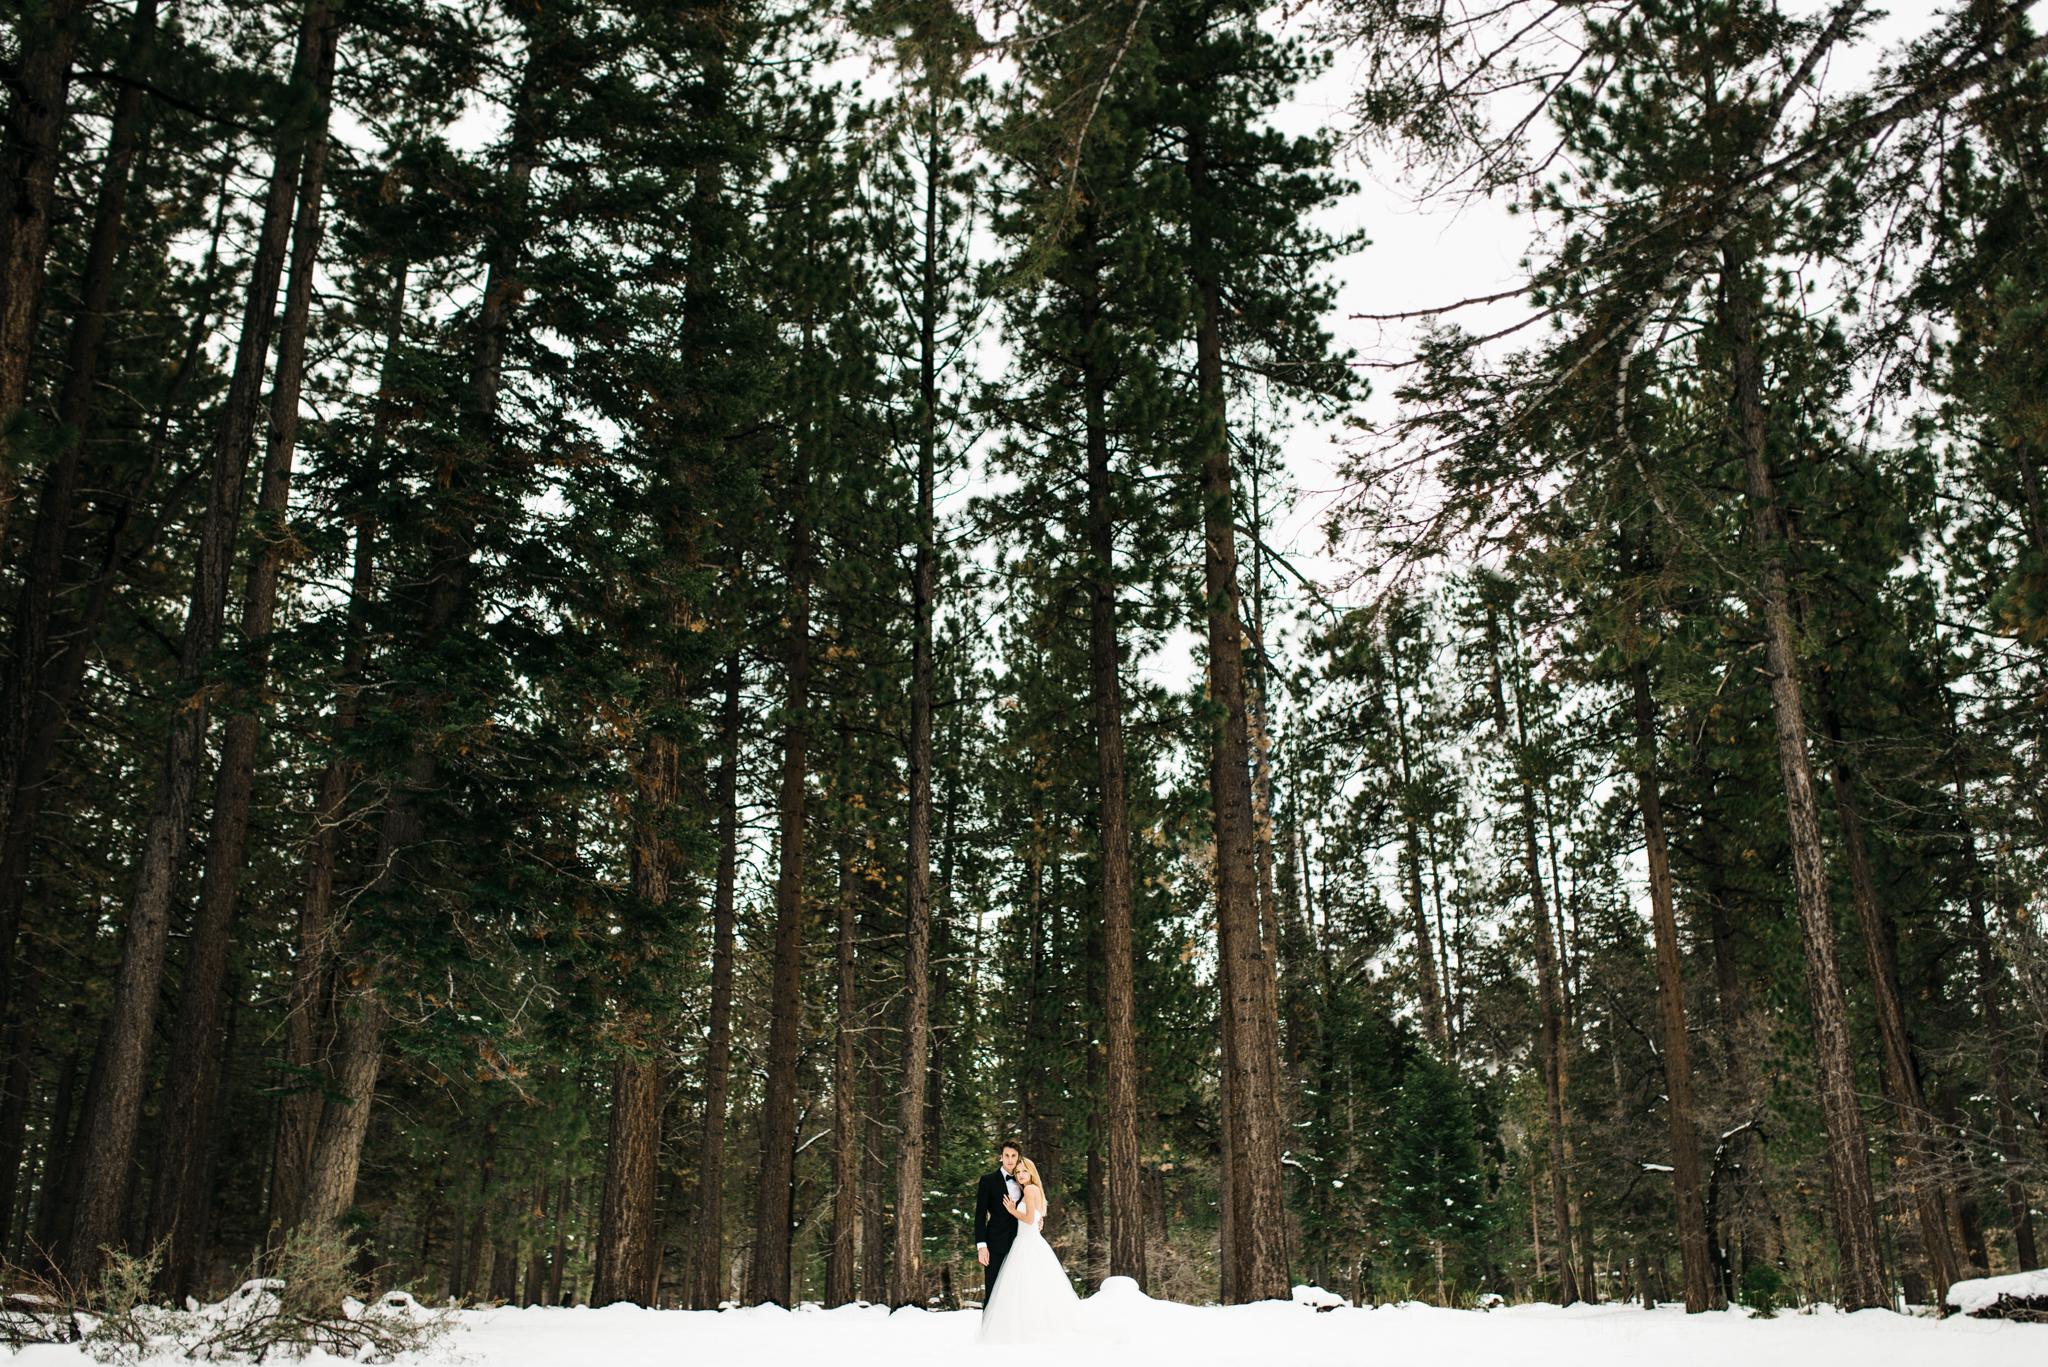 ©Isaiah & Taylor Photography - Ben & Kadin Honeymoon-027.jpg